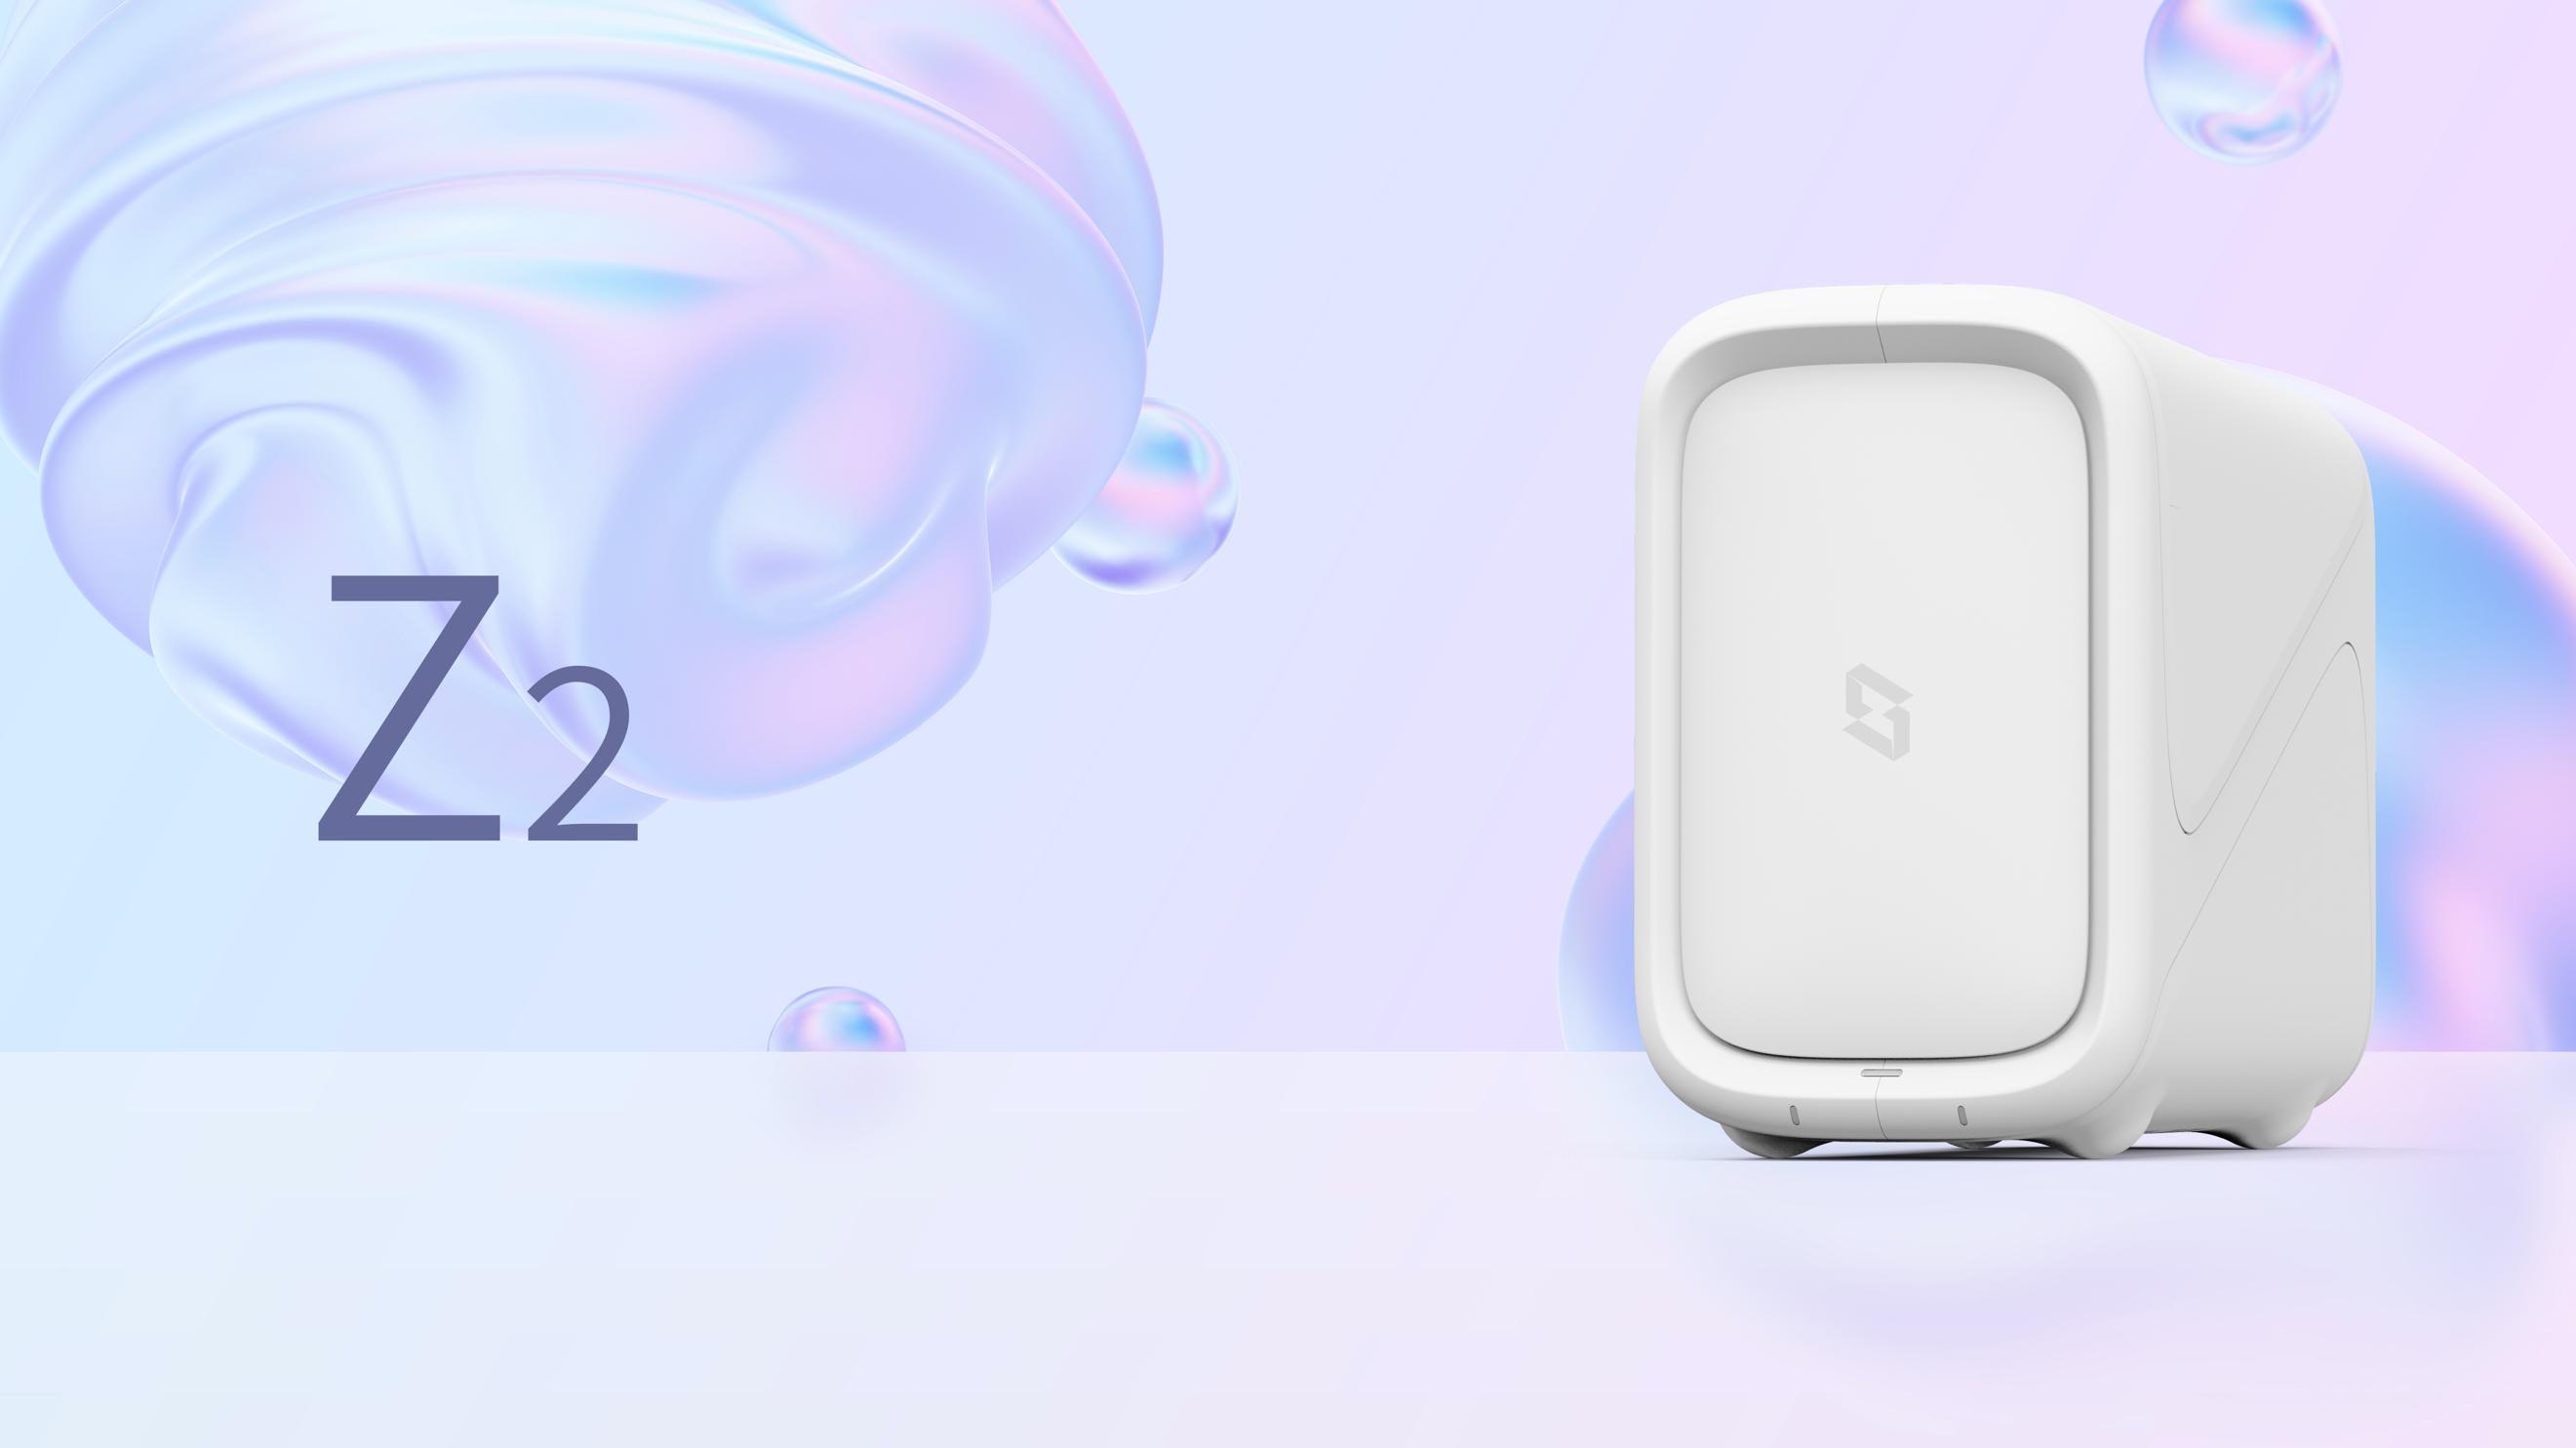 图片[9]-NAS新玩家 极空间Z2 / Z4 私人云正式发布,瞄准威&群 定价1199/2399元起-思安阁